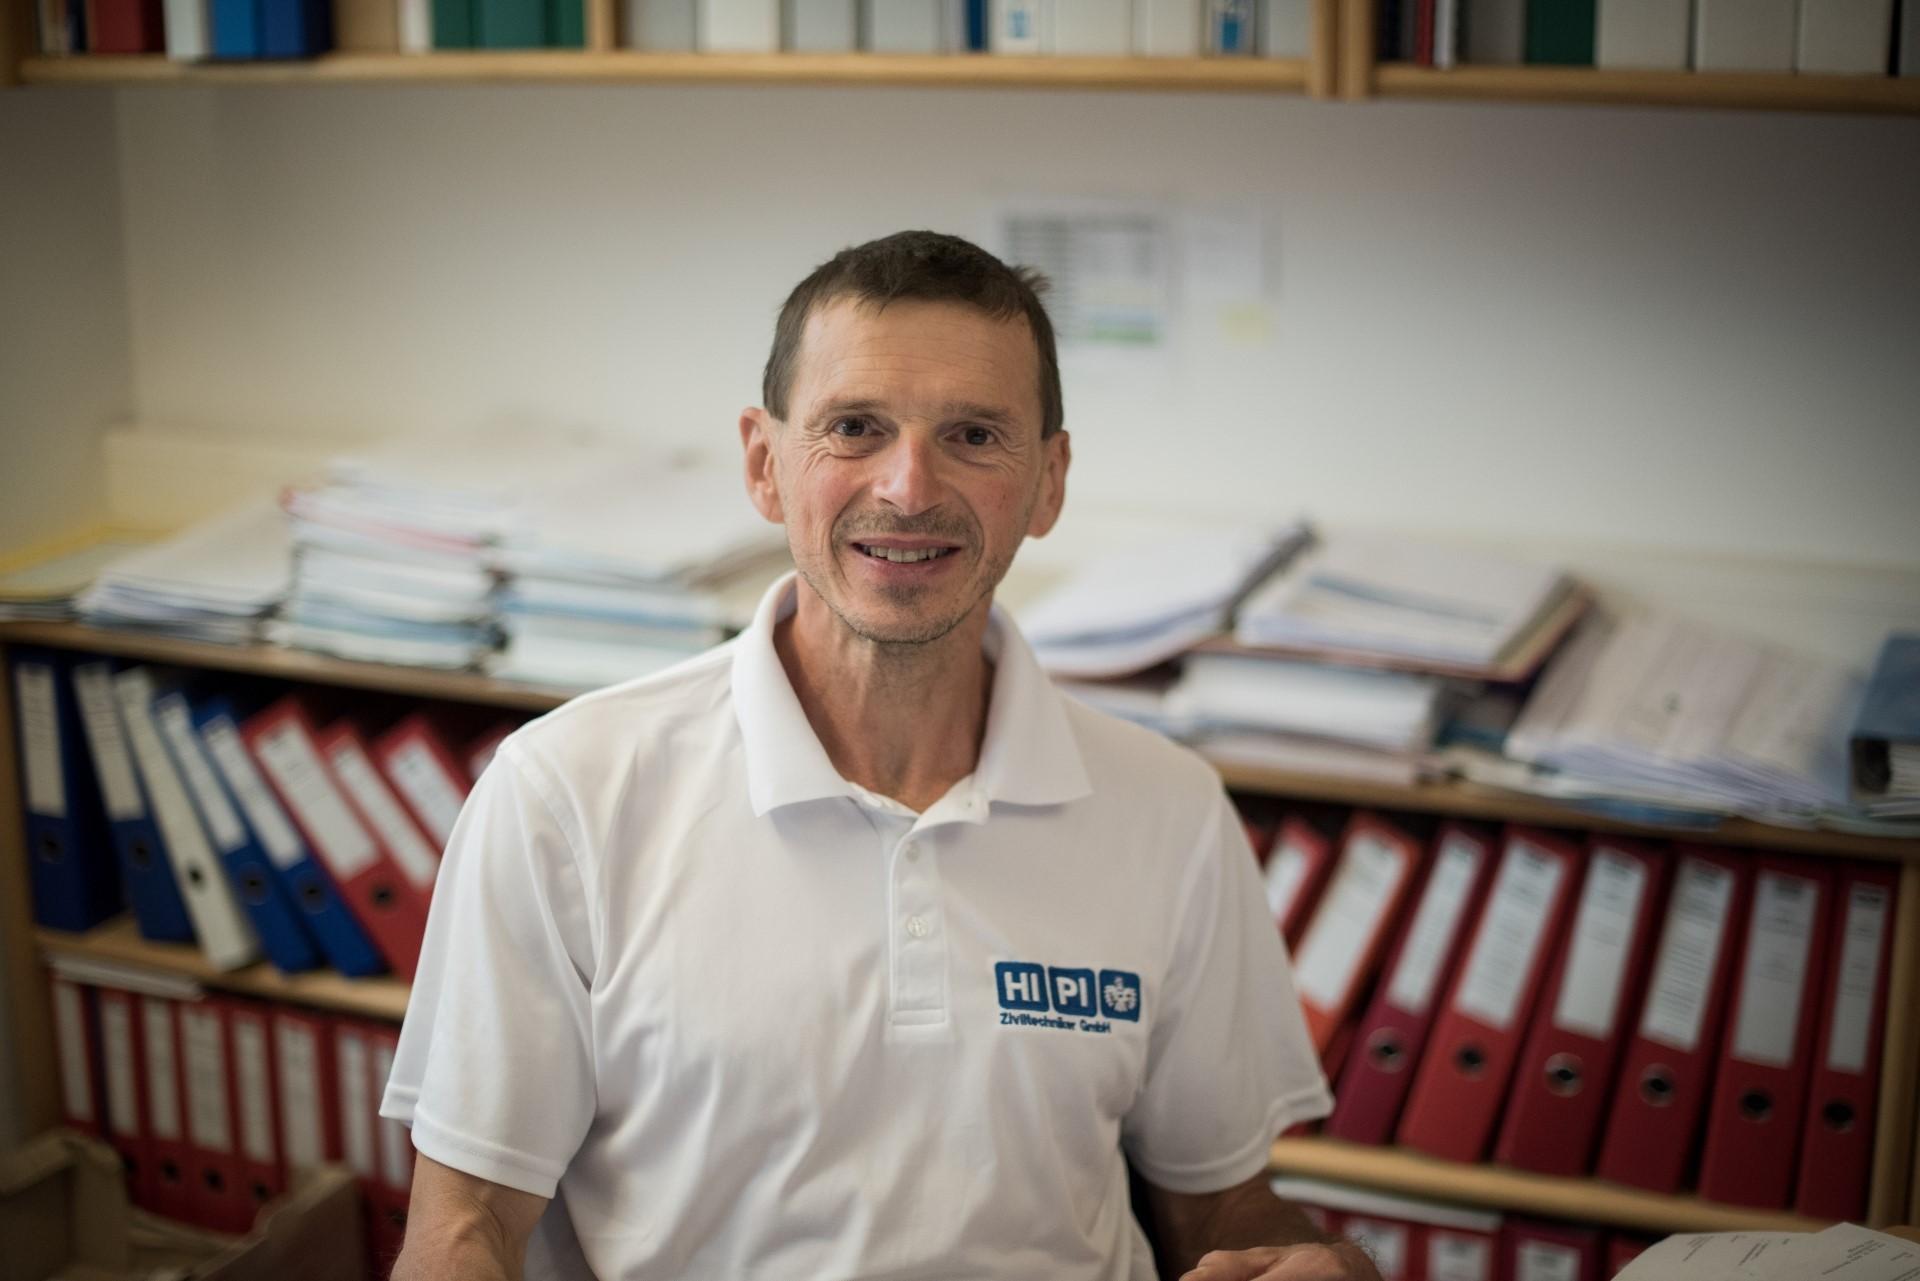 DI Walter Perathoner ist Bereichsleiter für Abwasserentsorgung und Abwasserreinigung im Büro Ziviltechniker HIPIin Vöcklabruck.